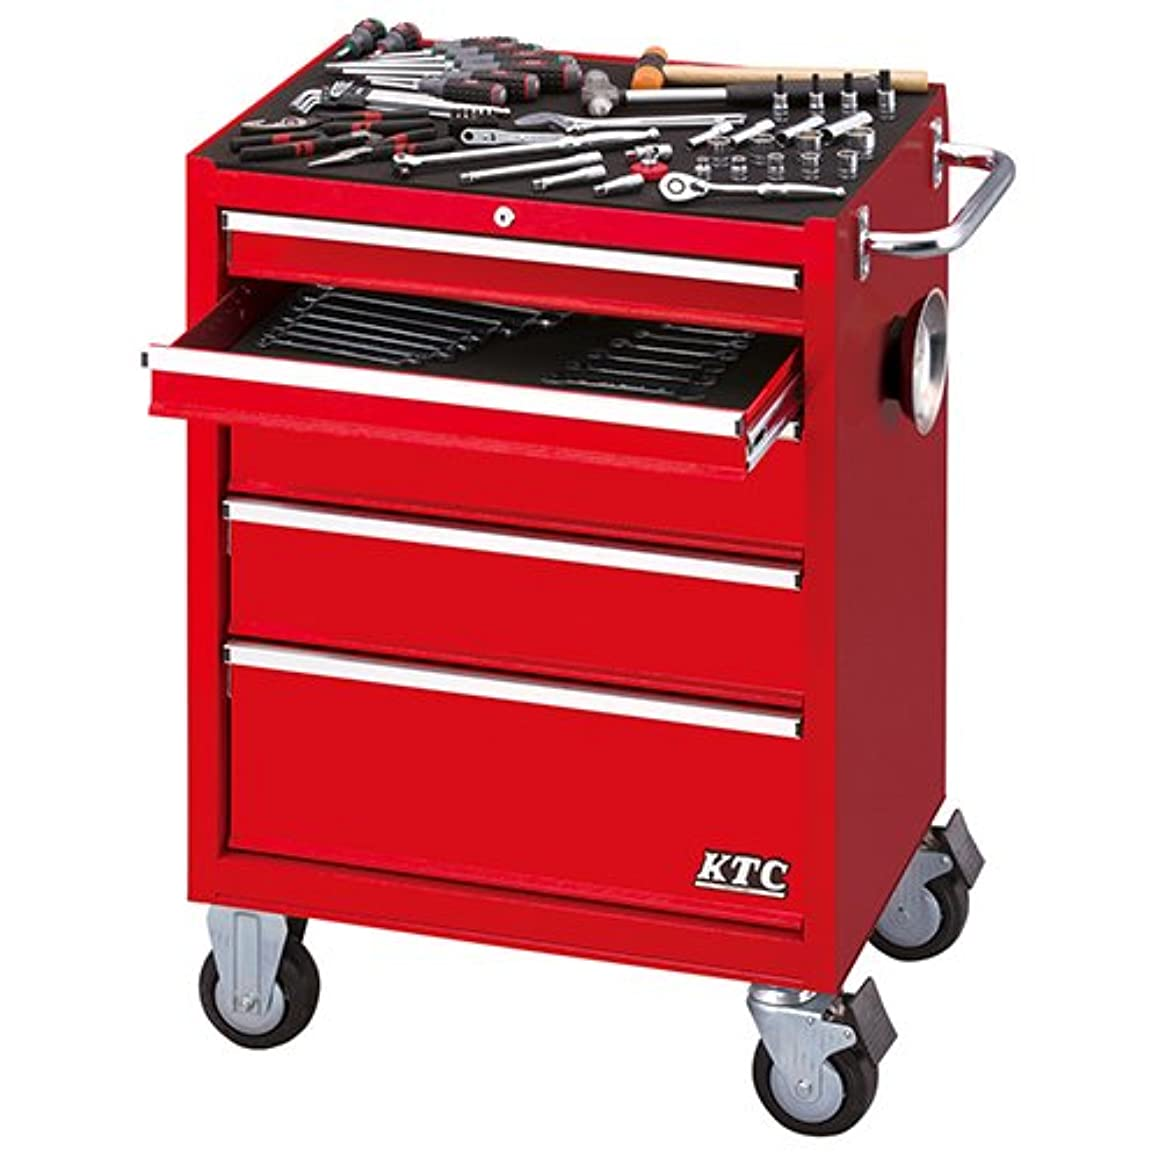 ハイランド茎オプショナル京都機械工具 KTC SK18 工具セット(SKX3805/赤) KTC 9.5sq./68点組 SK36818RX